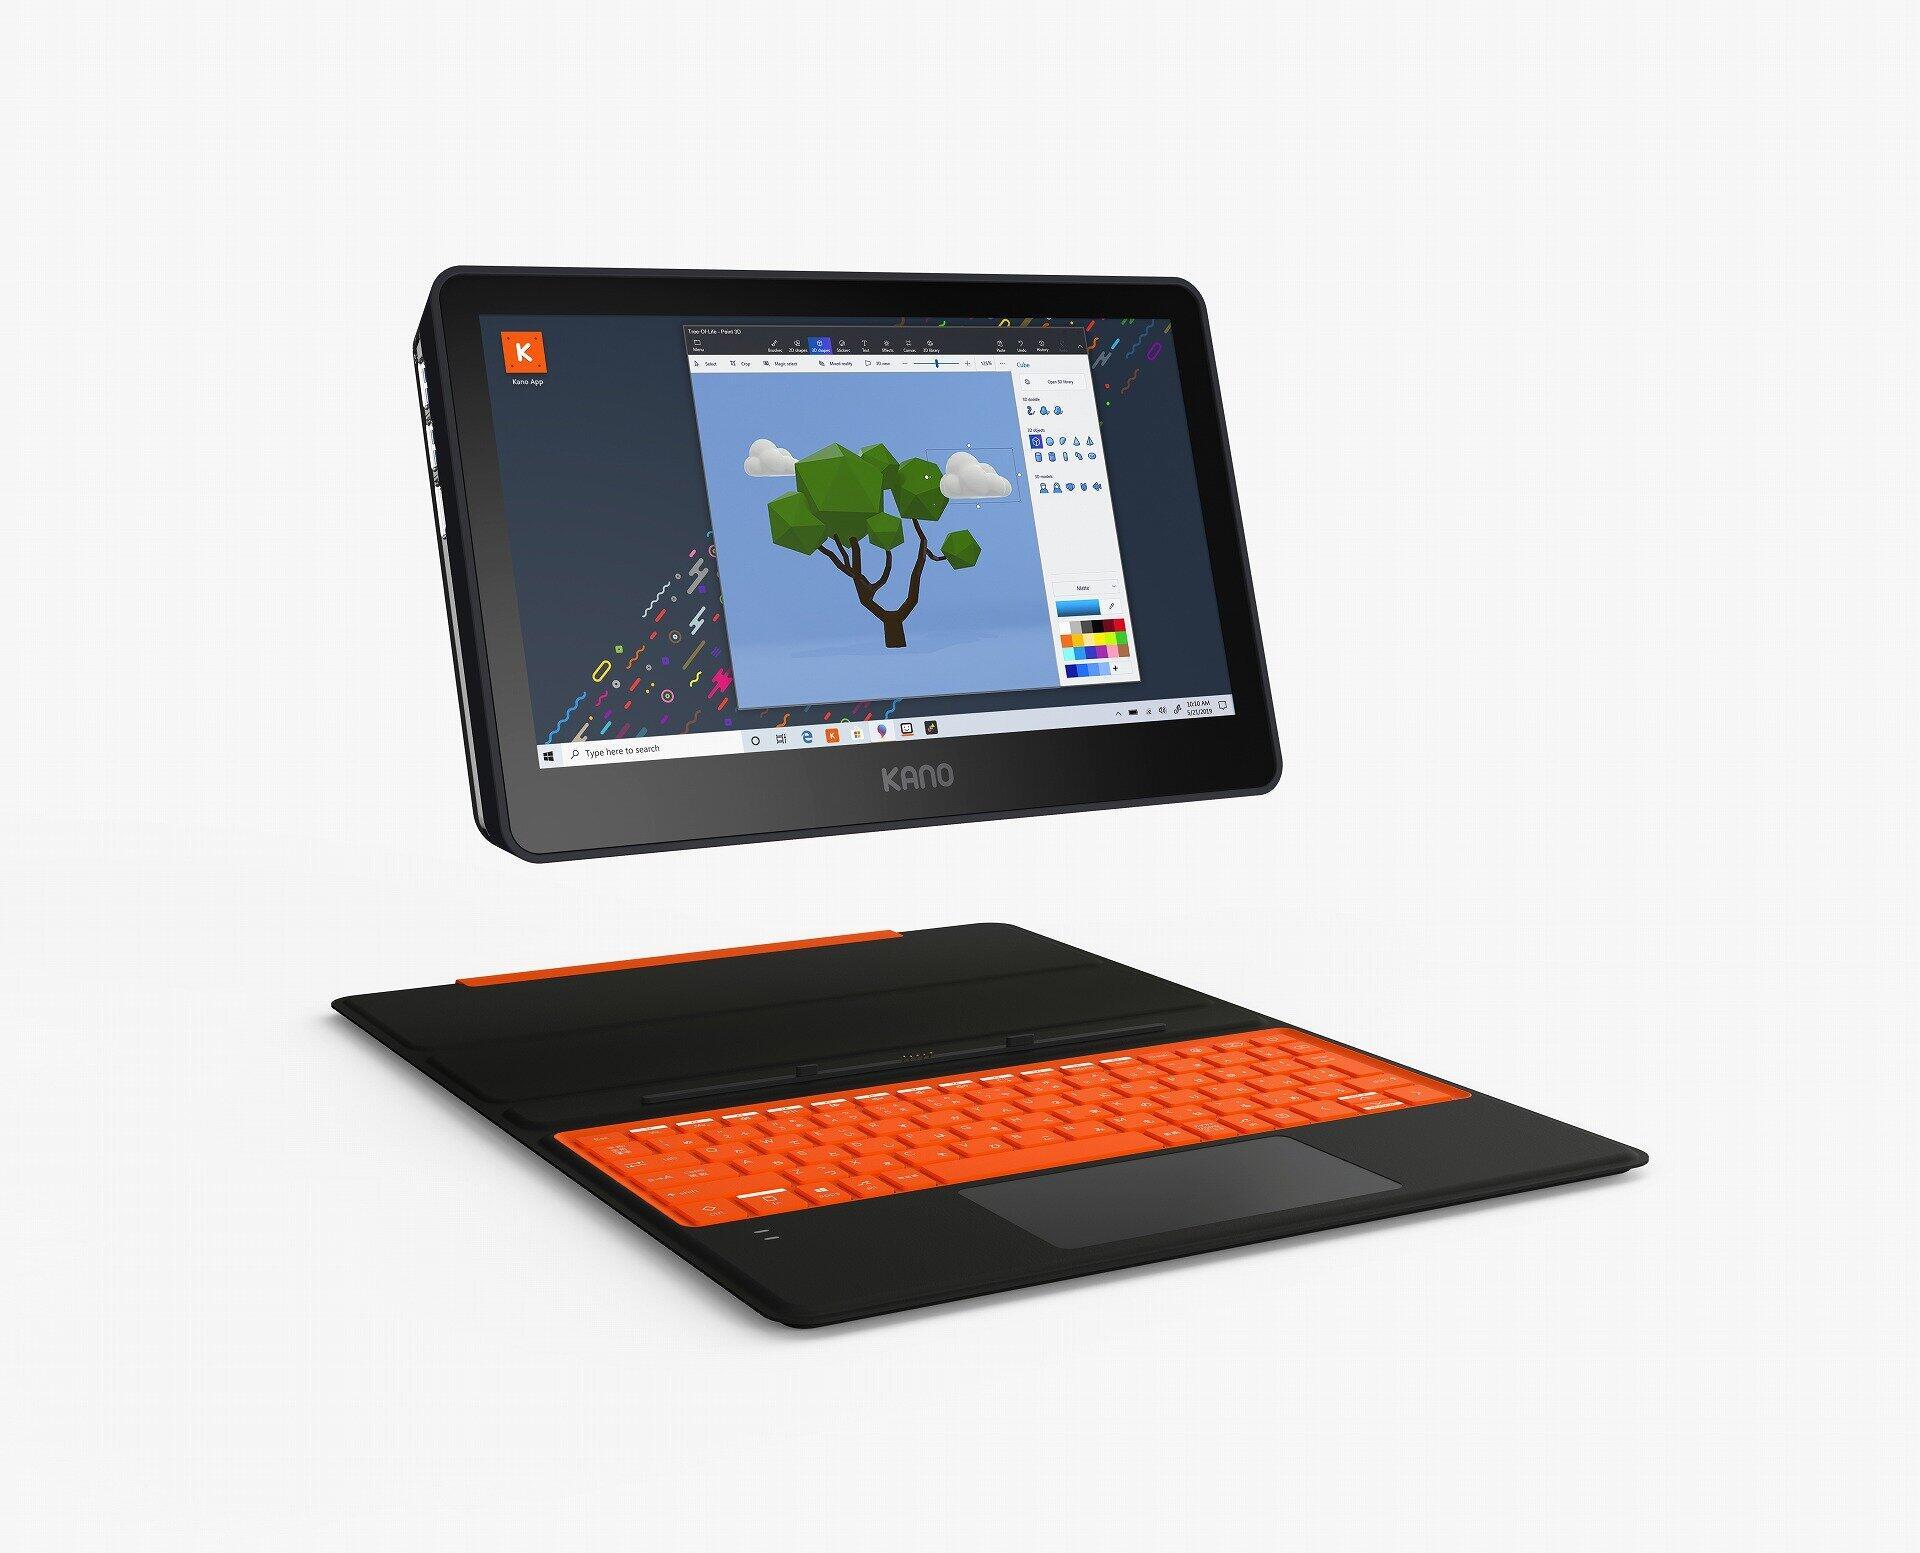 PCの仕組みやプログラミングが学べるWindowsタブレット